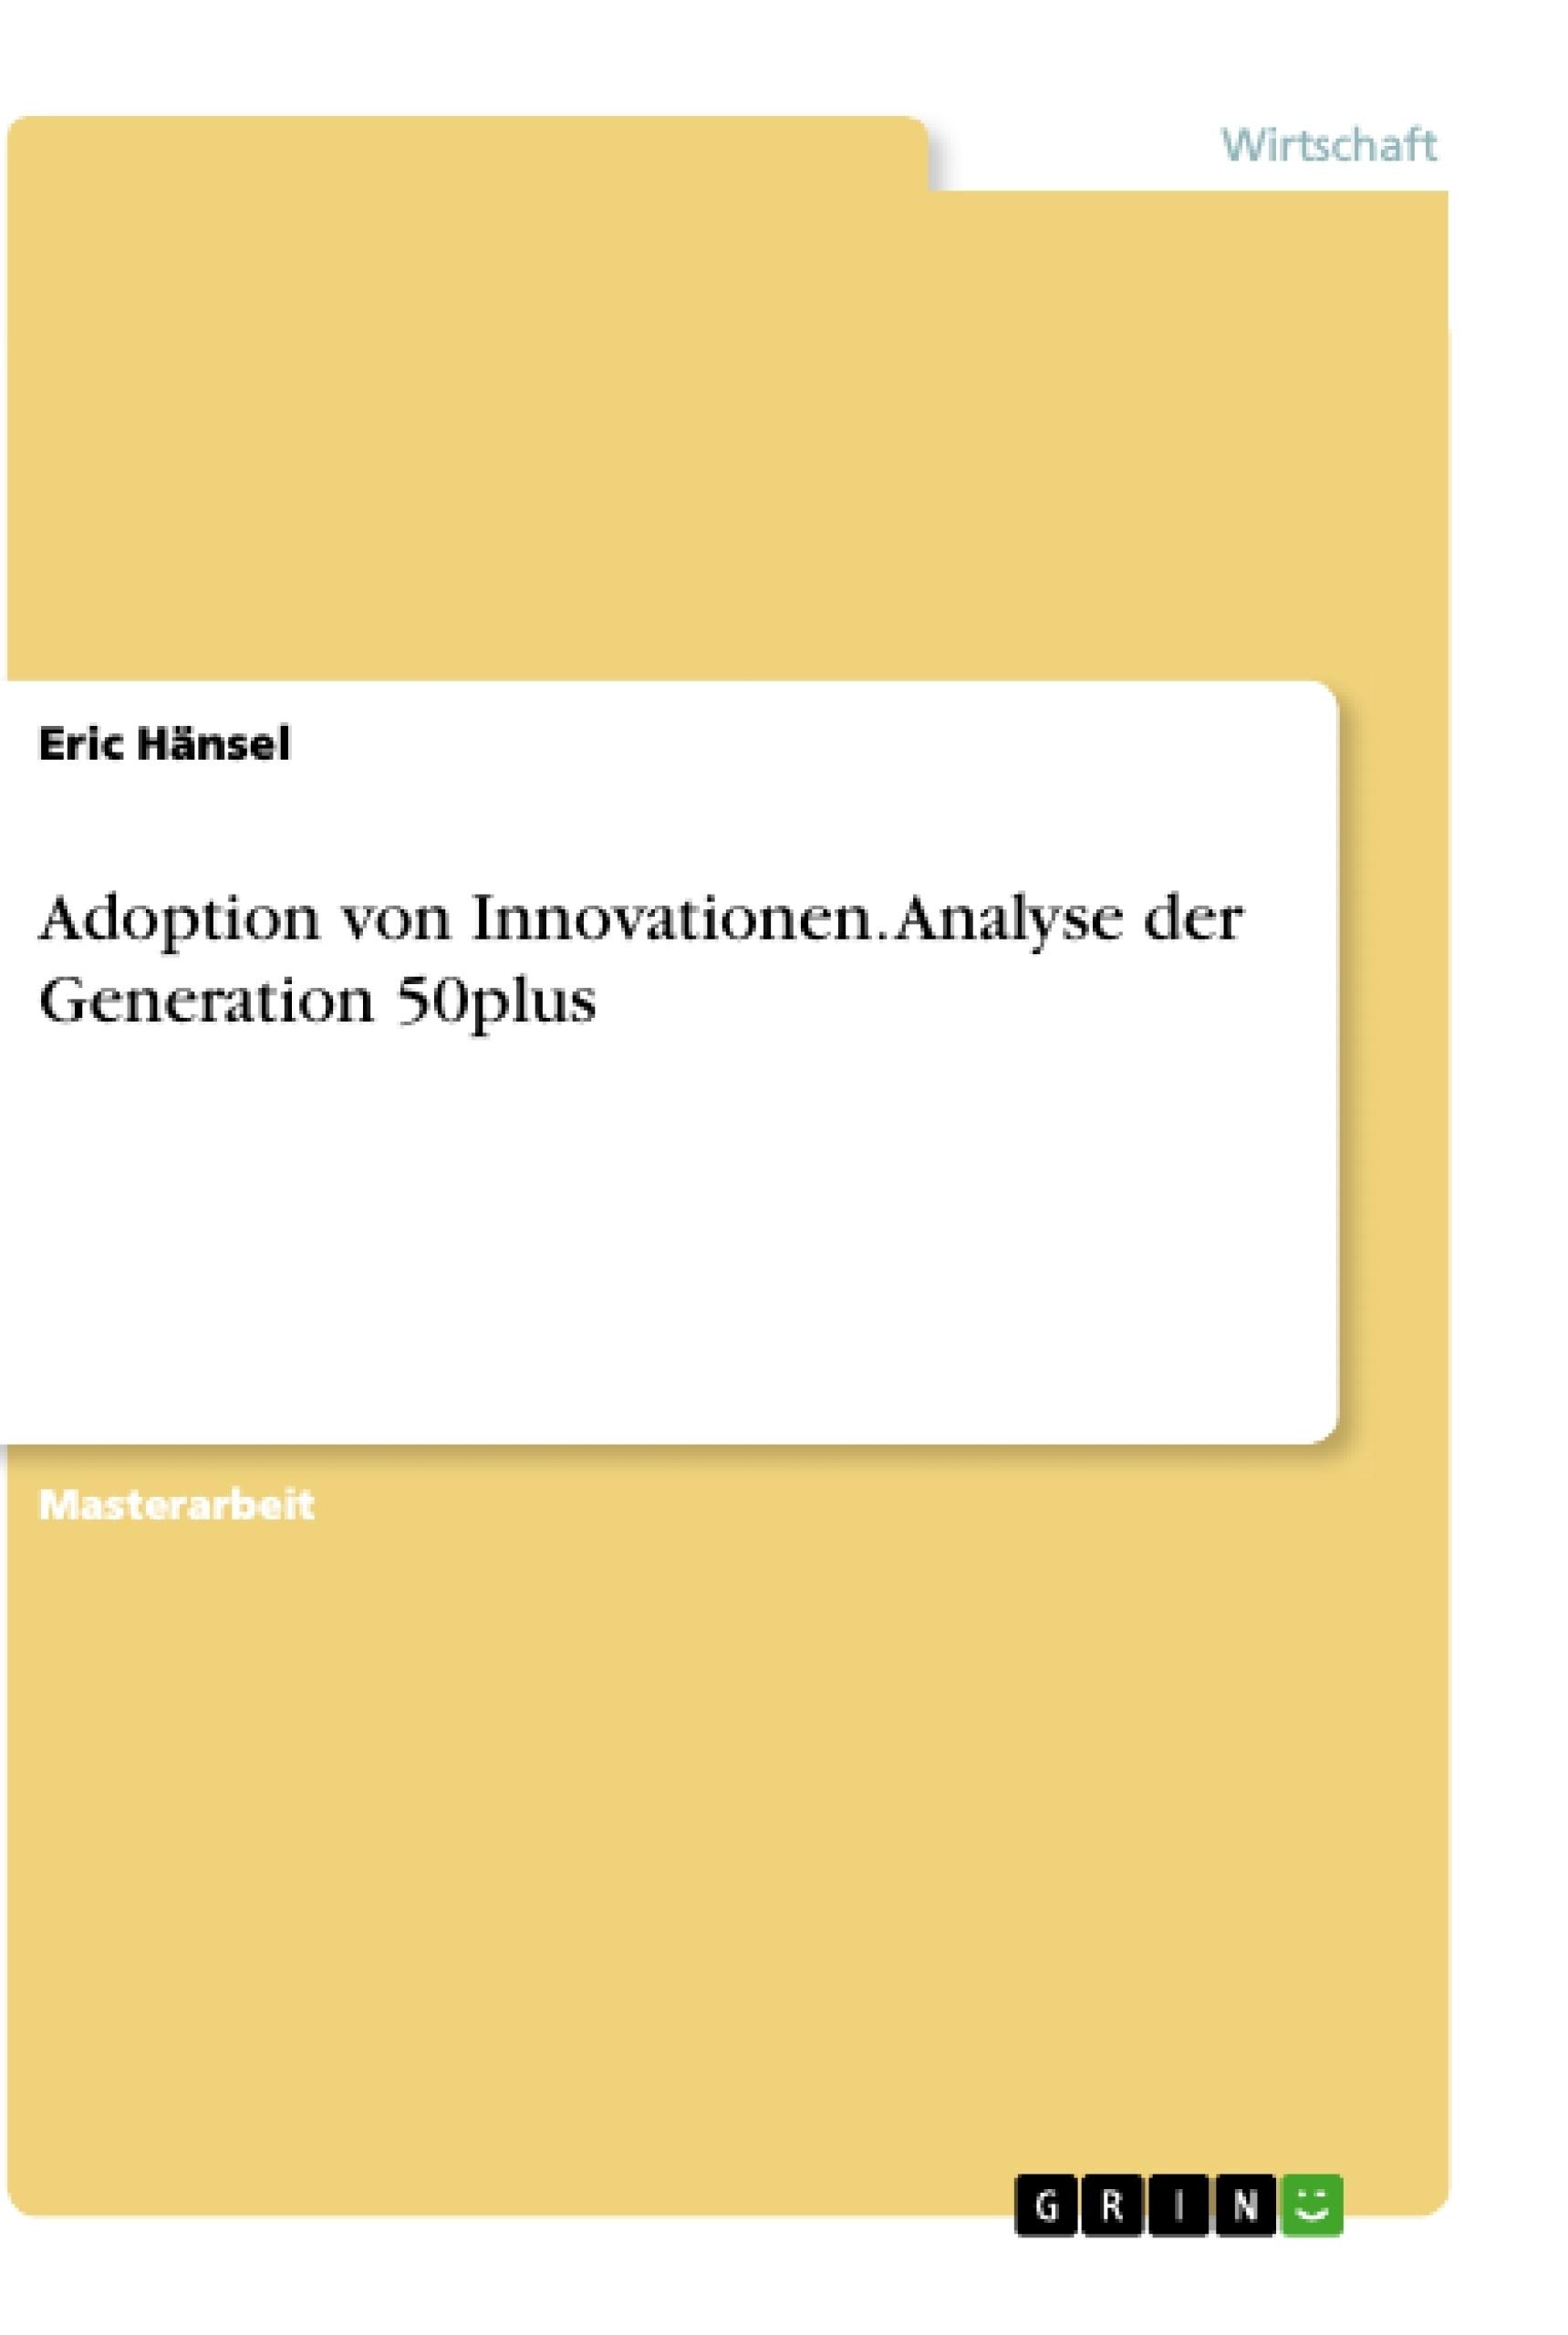 Titel: Adoption von Innovationen. Analyse der Generation 50plus